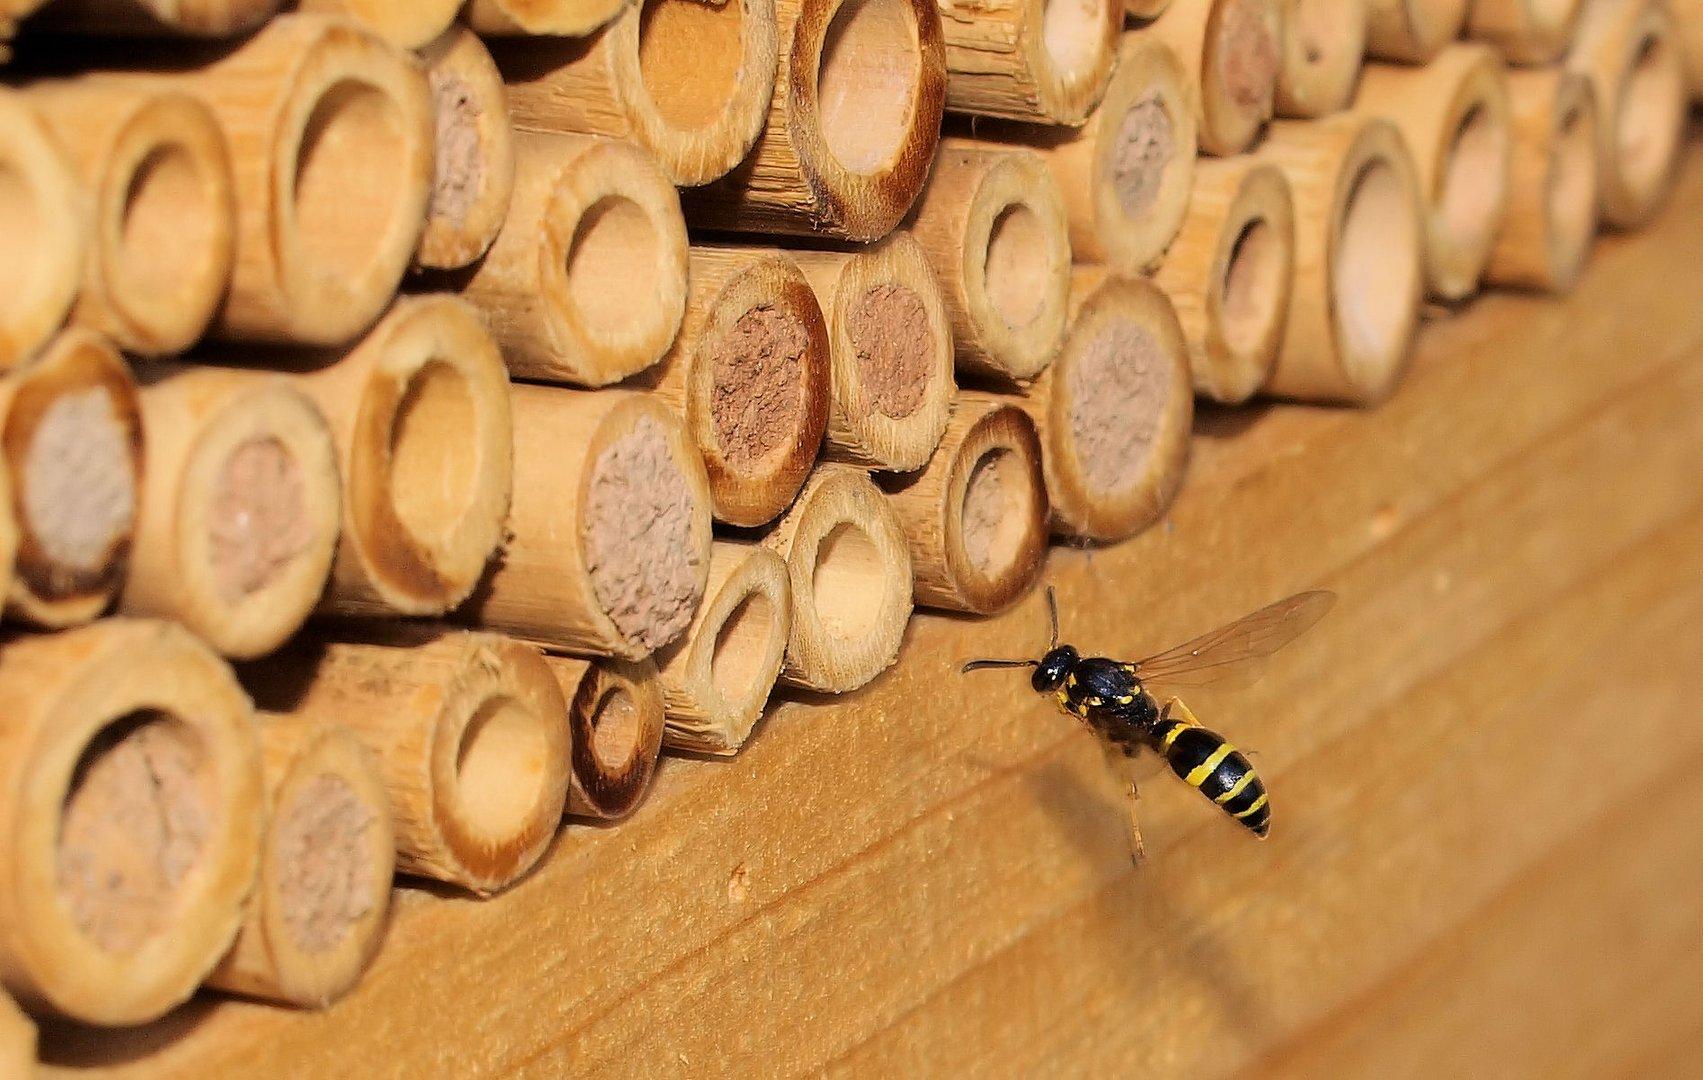 das insektenhotel f llt sich weiter foto bild tiere. Black Bedroom Furniture Sets. Home Design Ideas